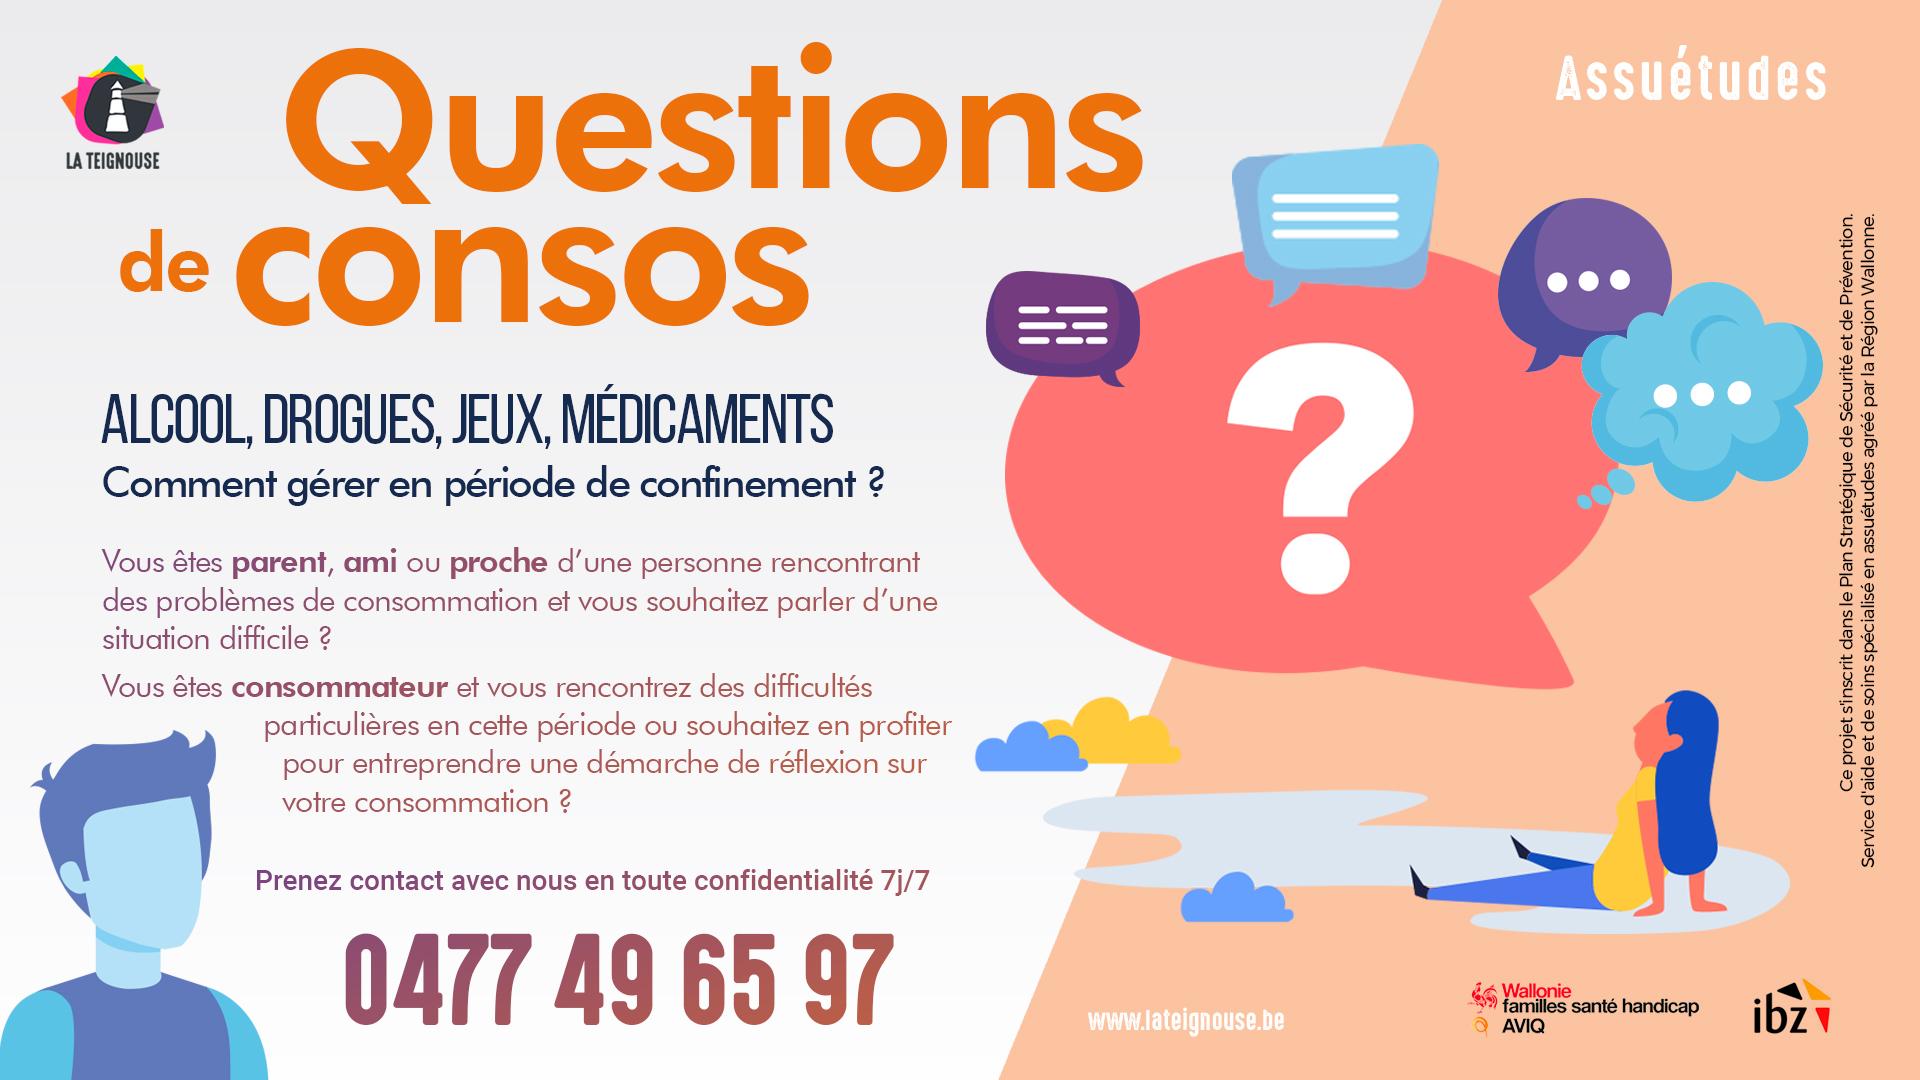 Assuétudes : un numéro pour répondre à vos questions